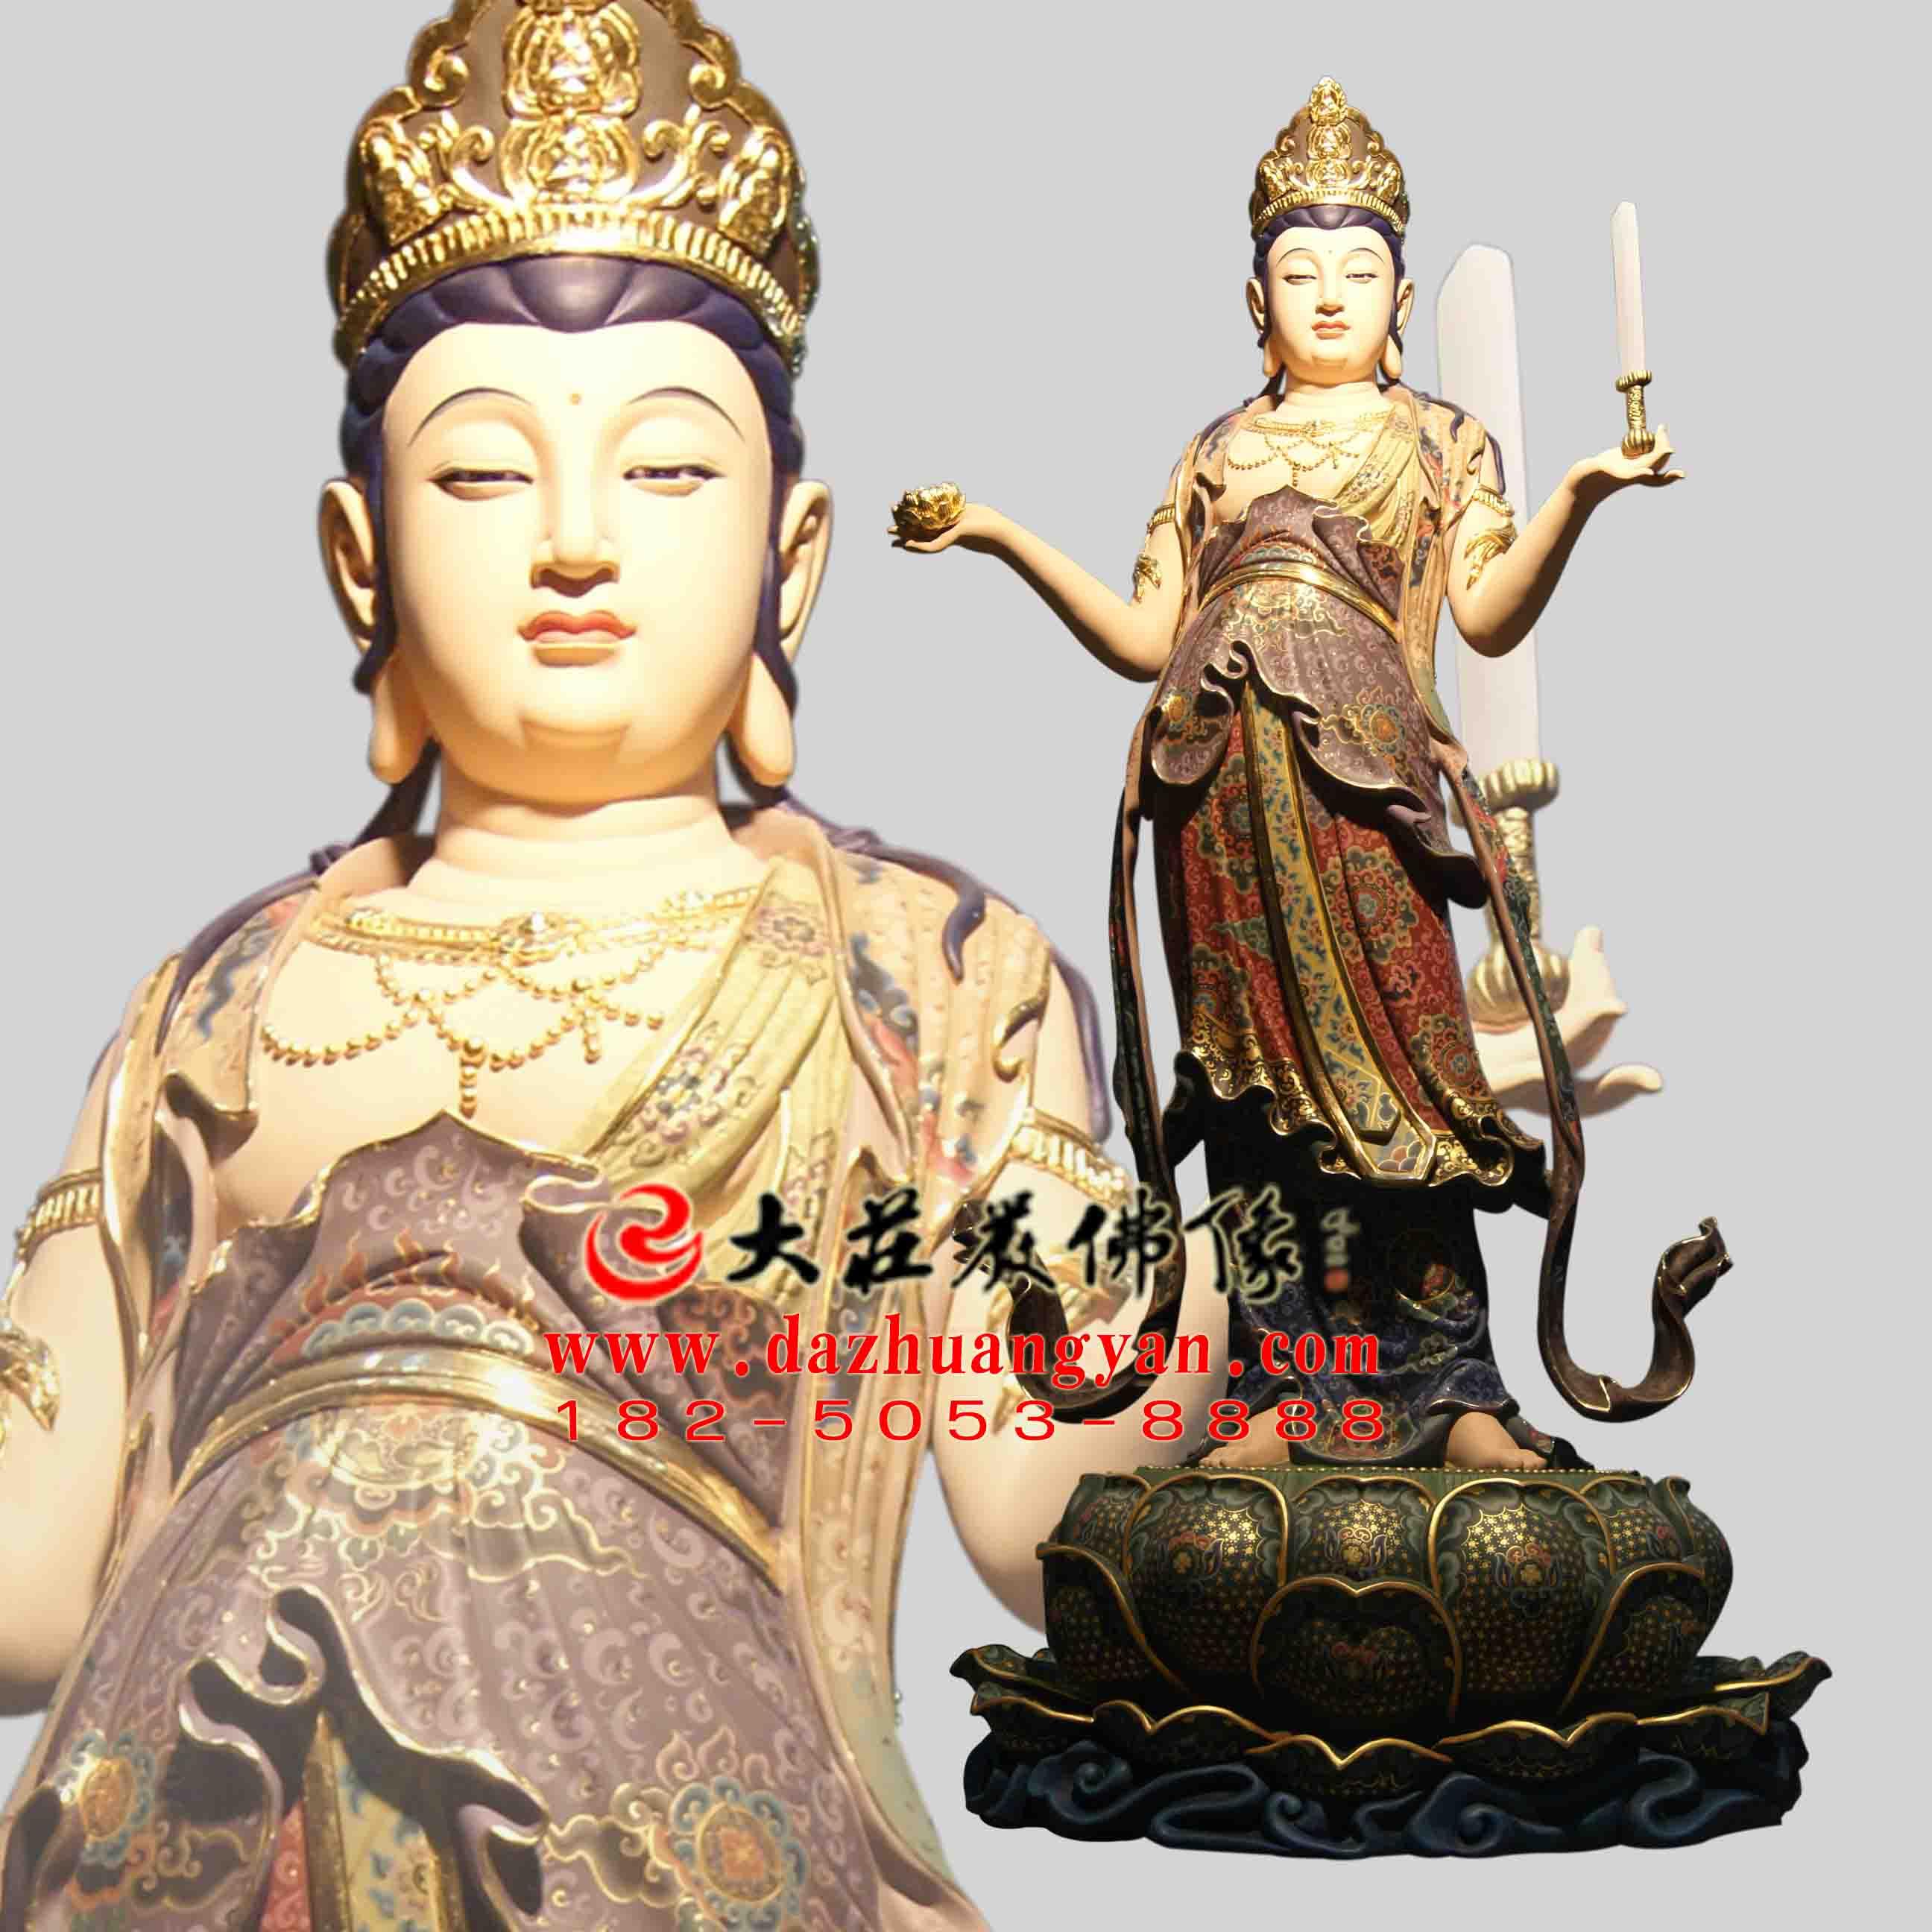 生漆脱胎八大菩萨之文殊菩萨彩绘塑像【1701】